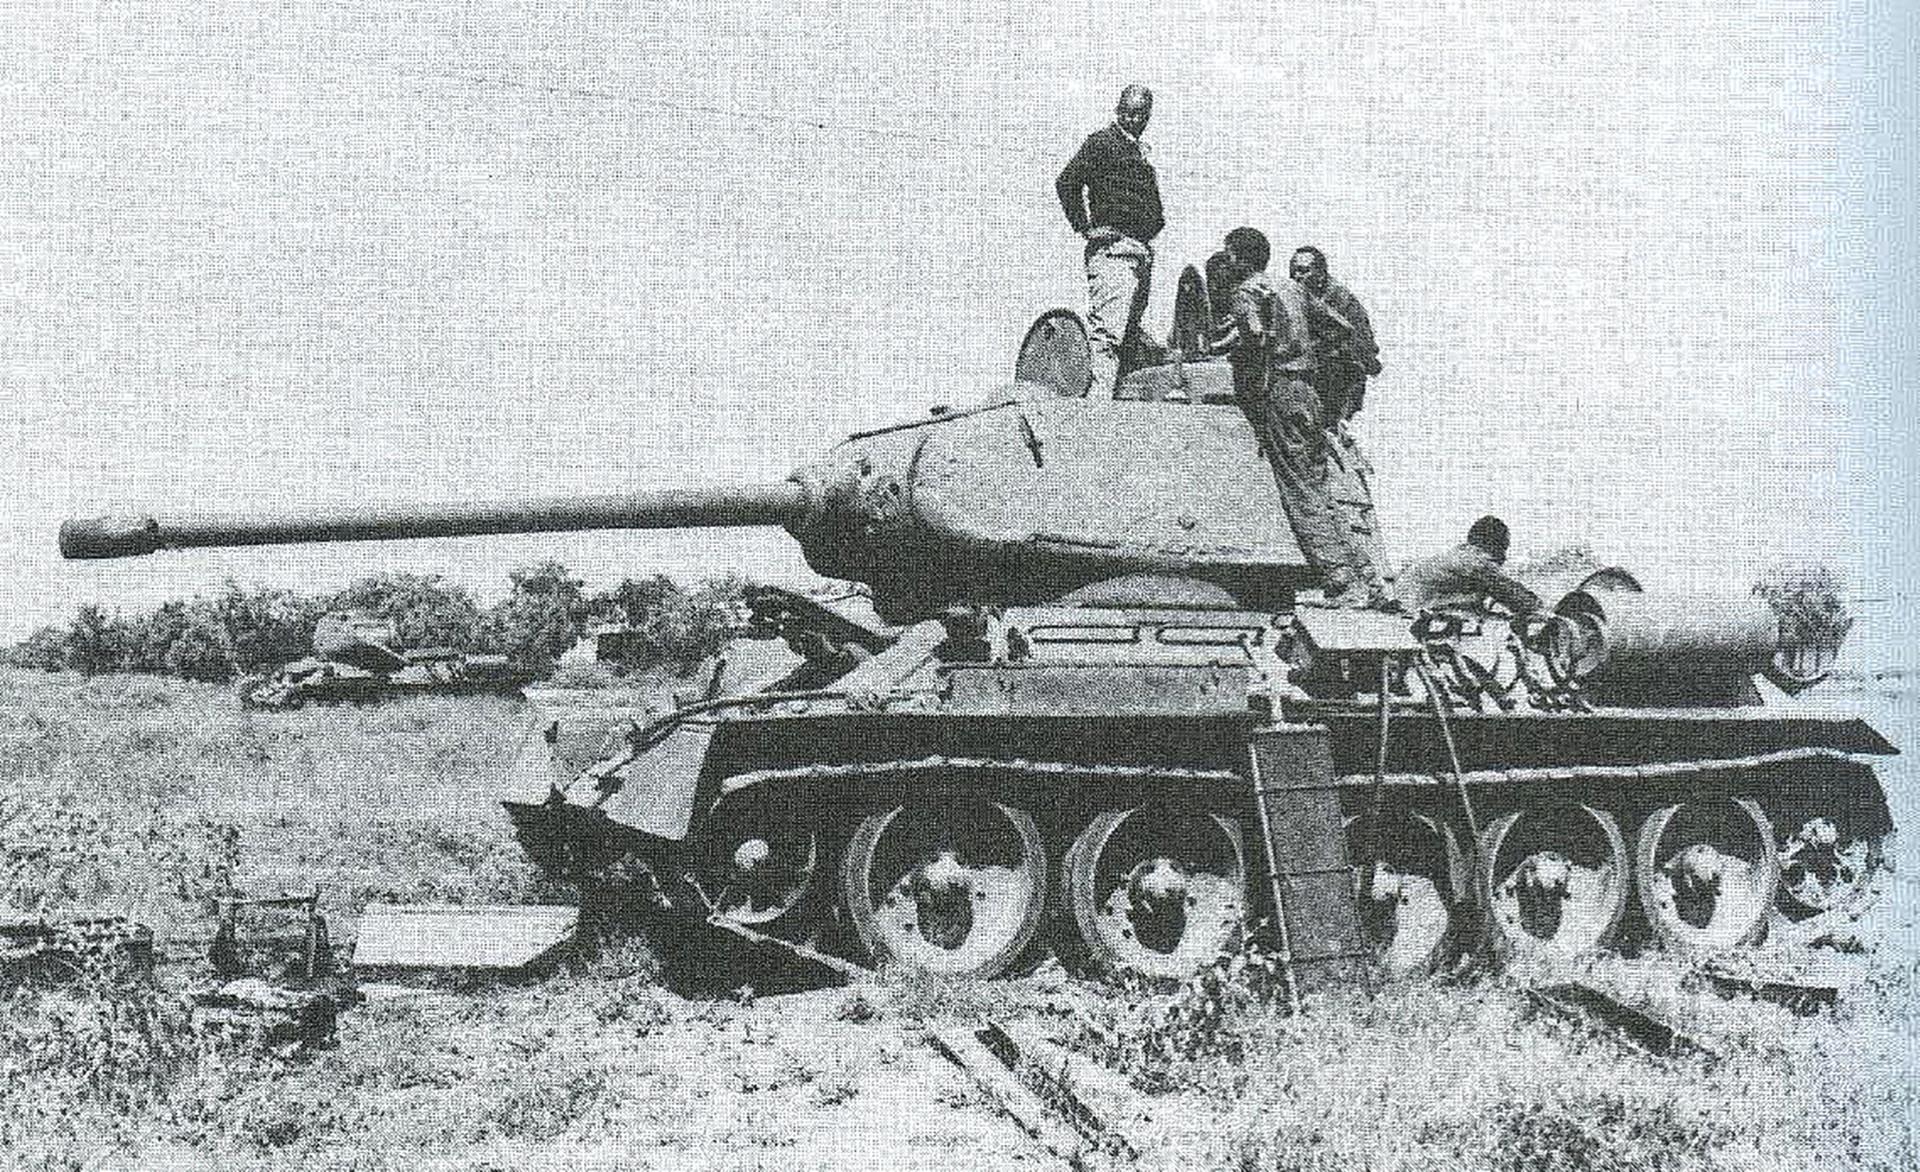 Оштећени тенк Т-34 сомалијске армије на поправци.